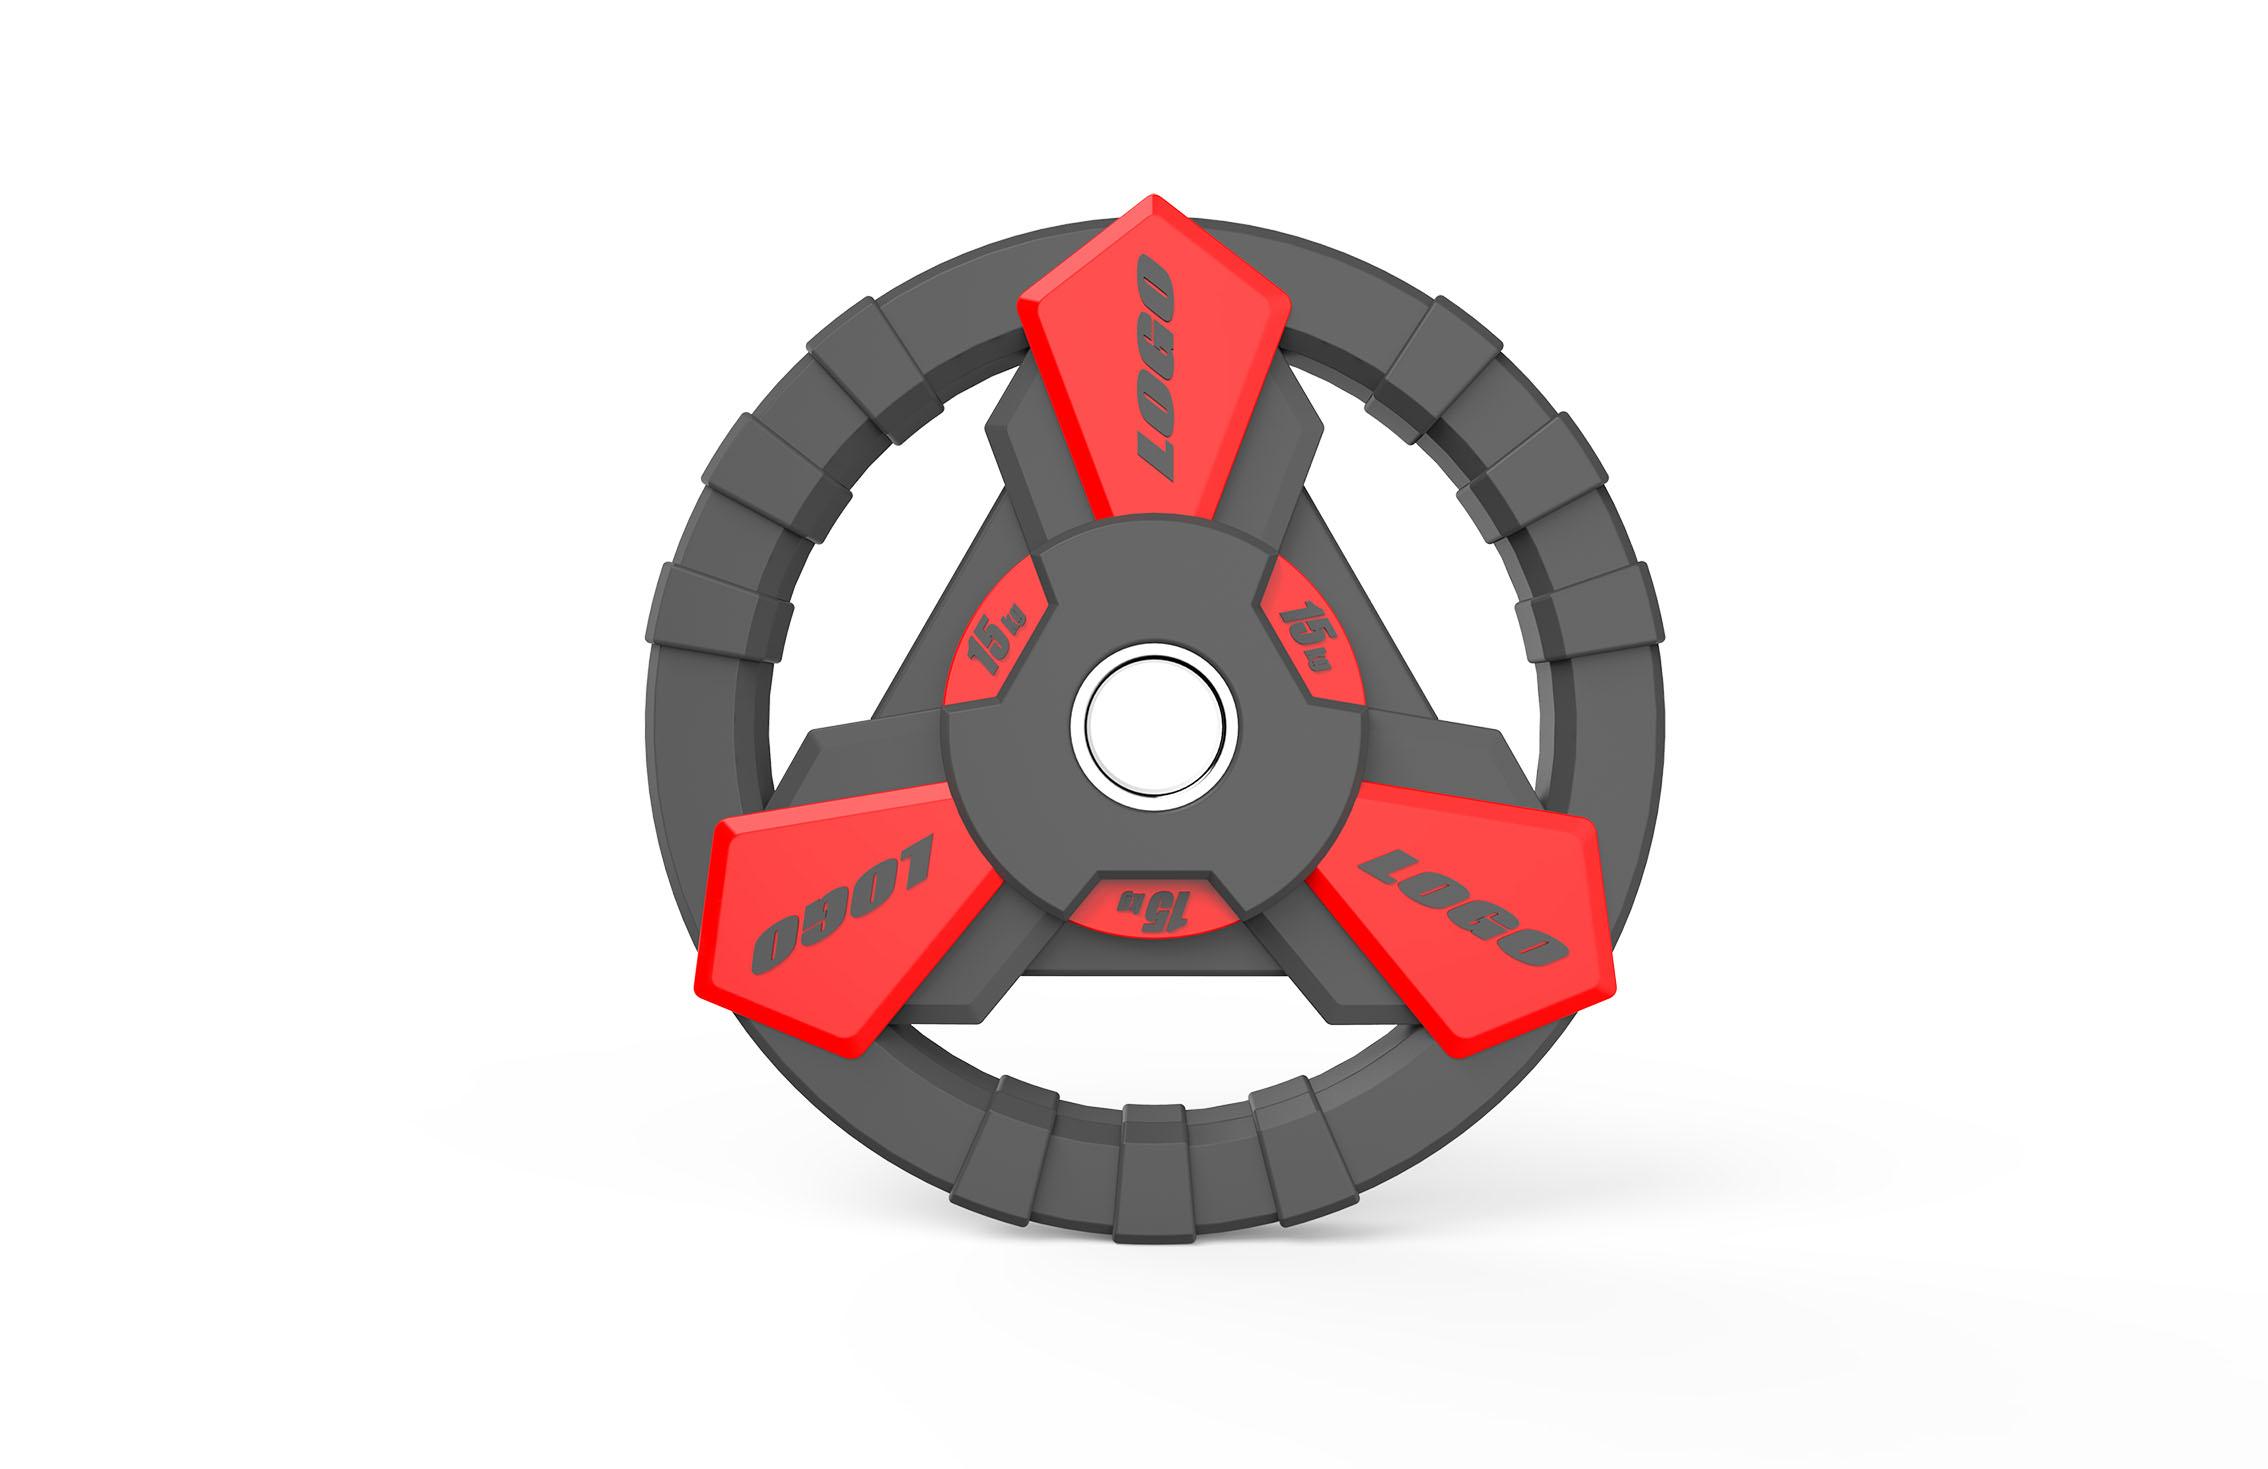 Барбелл плоча индустријски дизајн 3Д модел